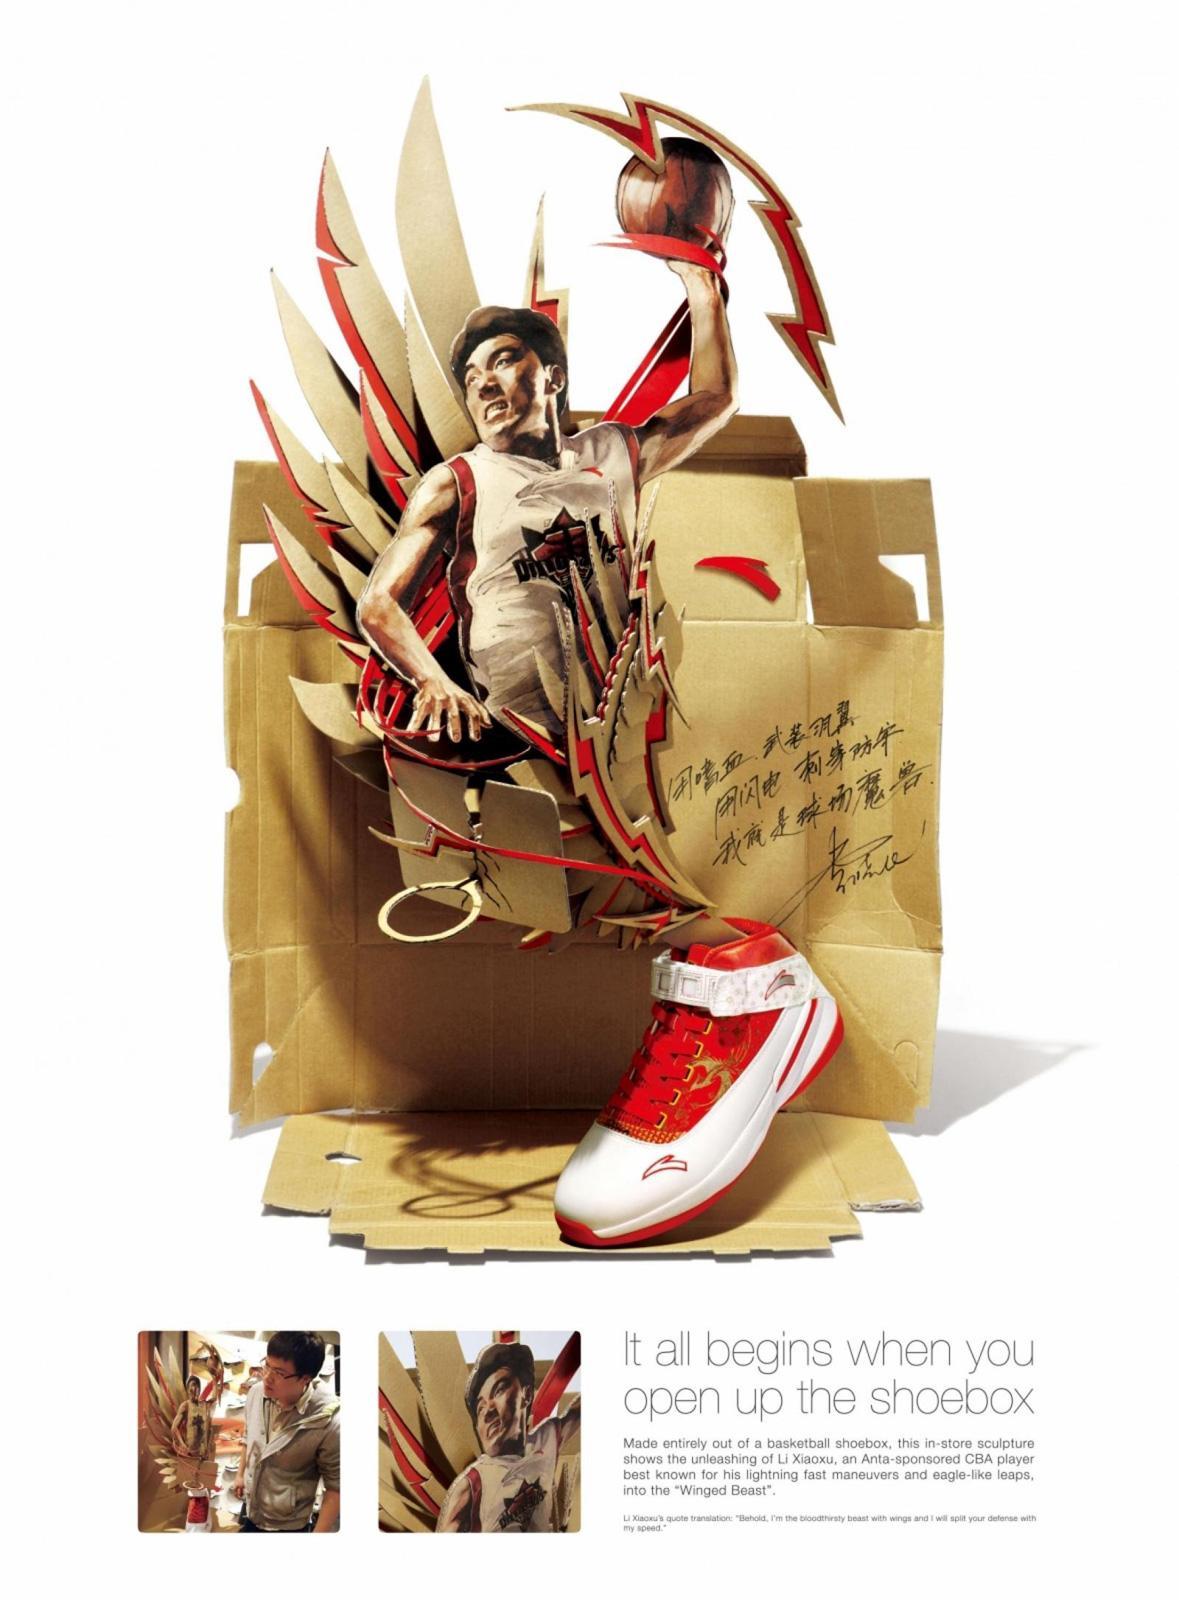 Anta Sportswear Outdoor Ad -  Li Xiaoxu